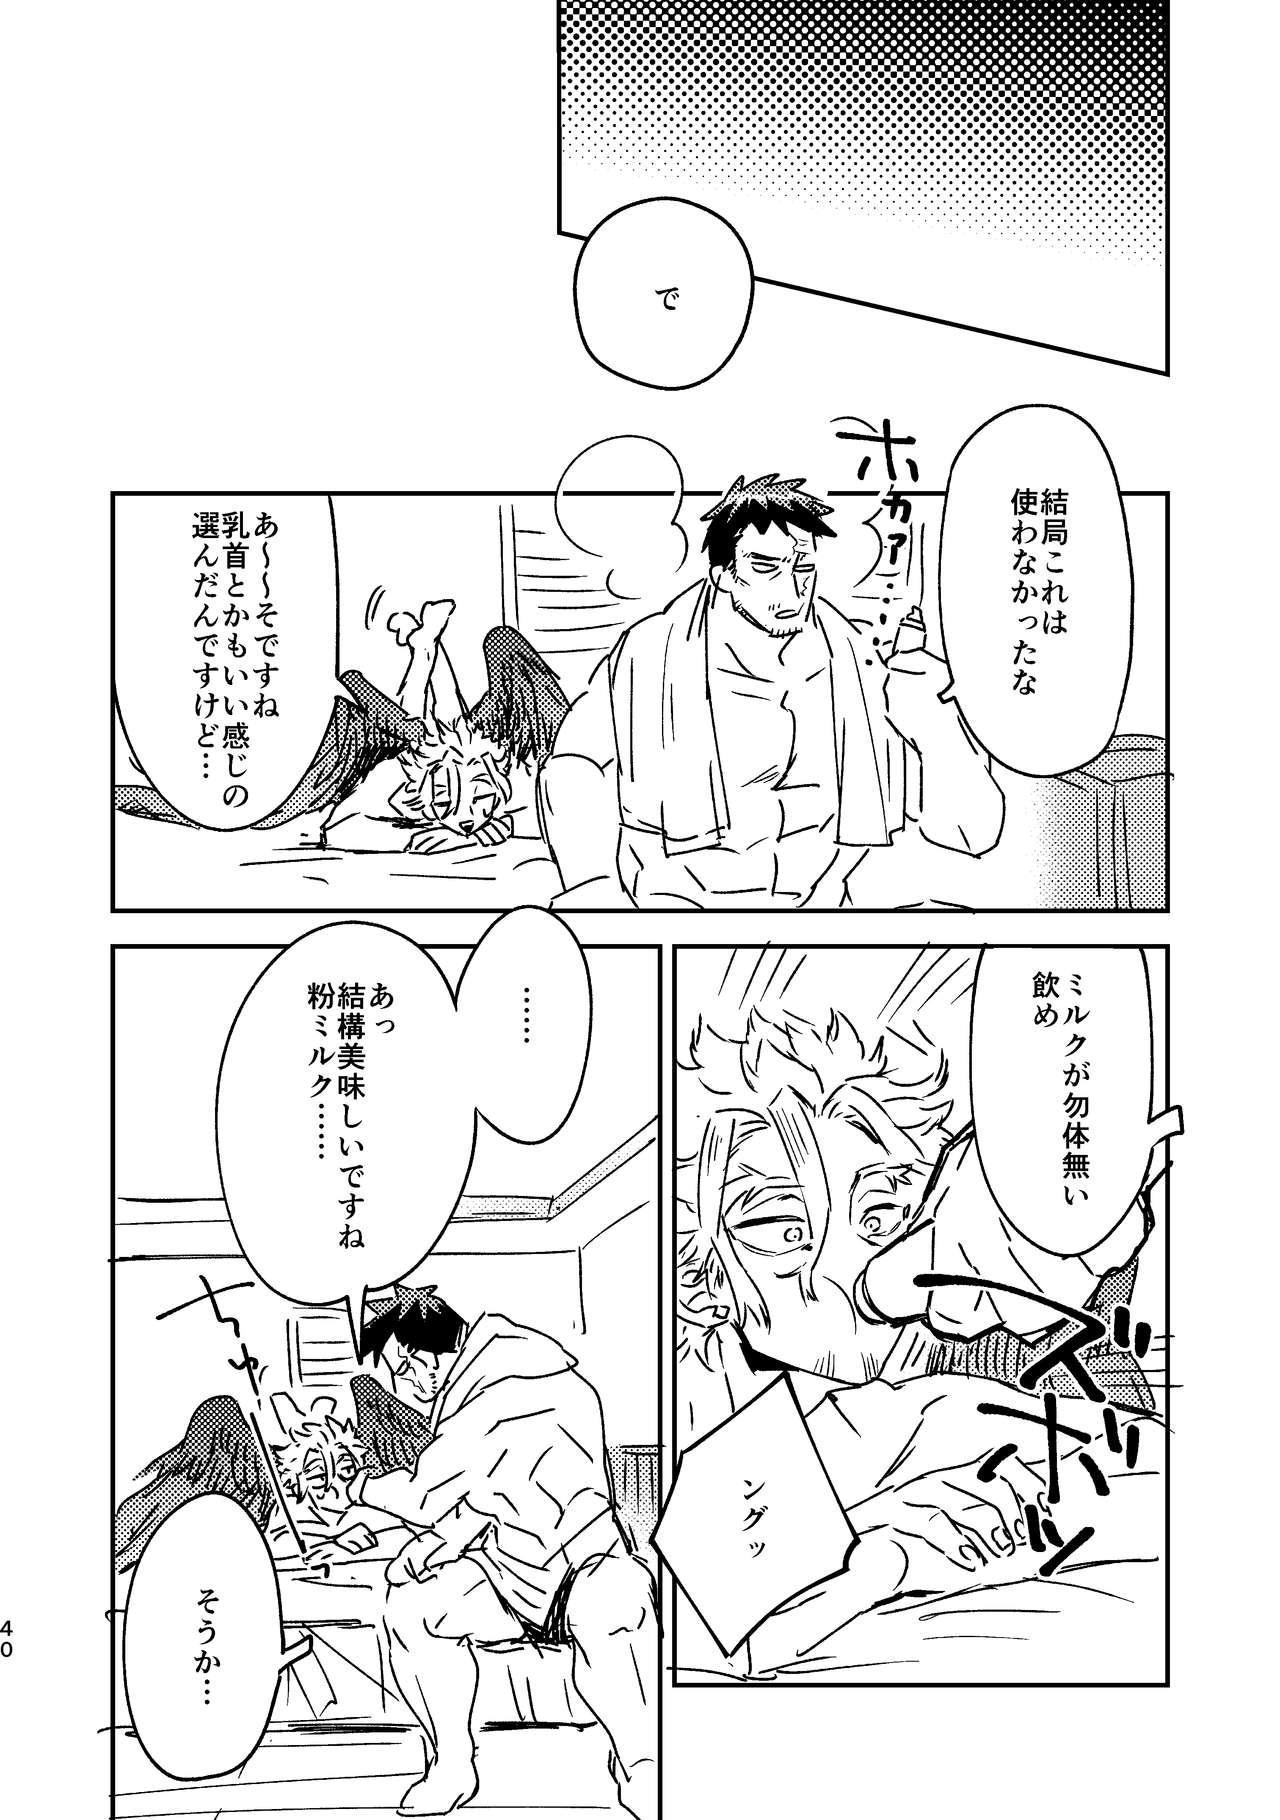 WEB Sairoku Zumi HawEn Manga ga Kami demo Yomeru Hon. 39